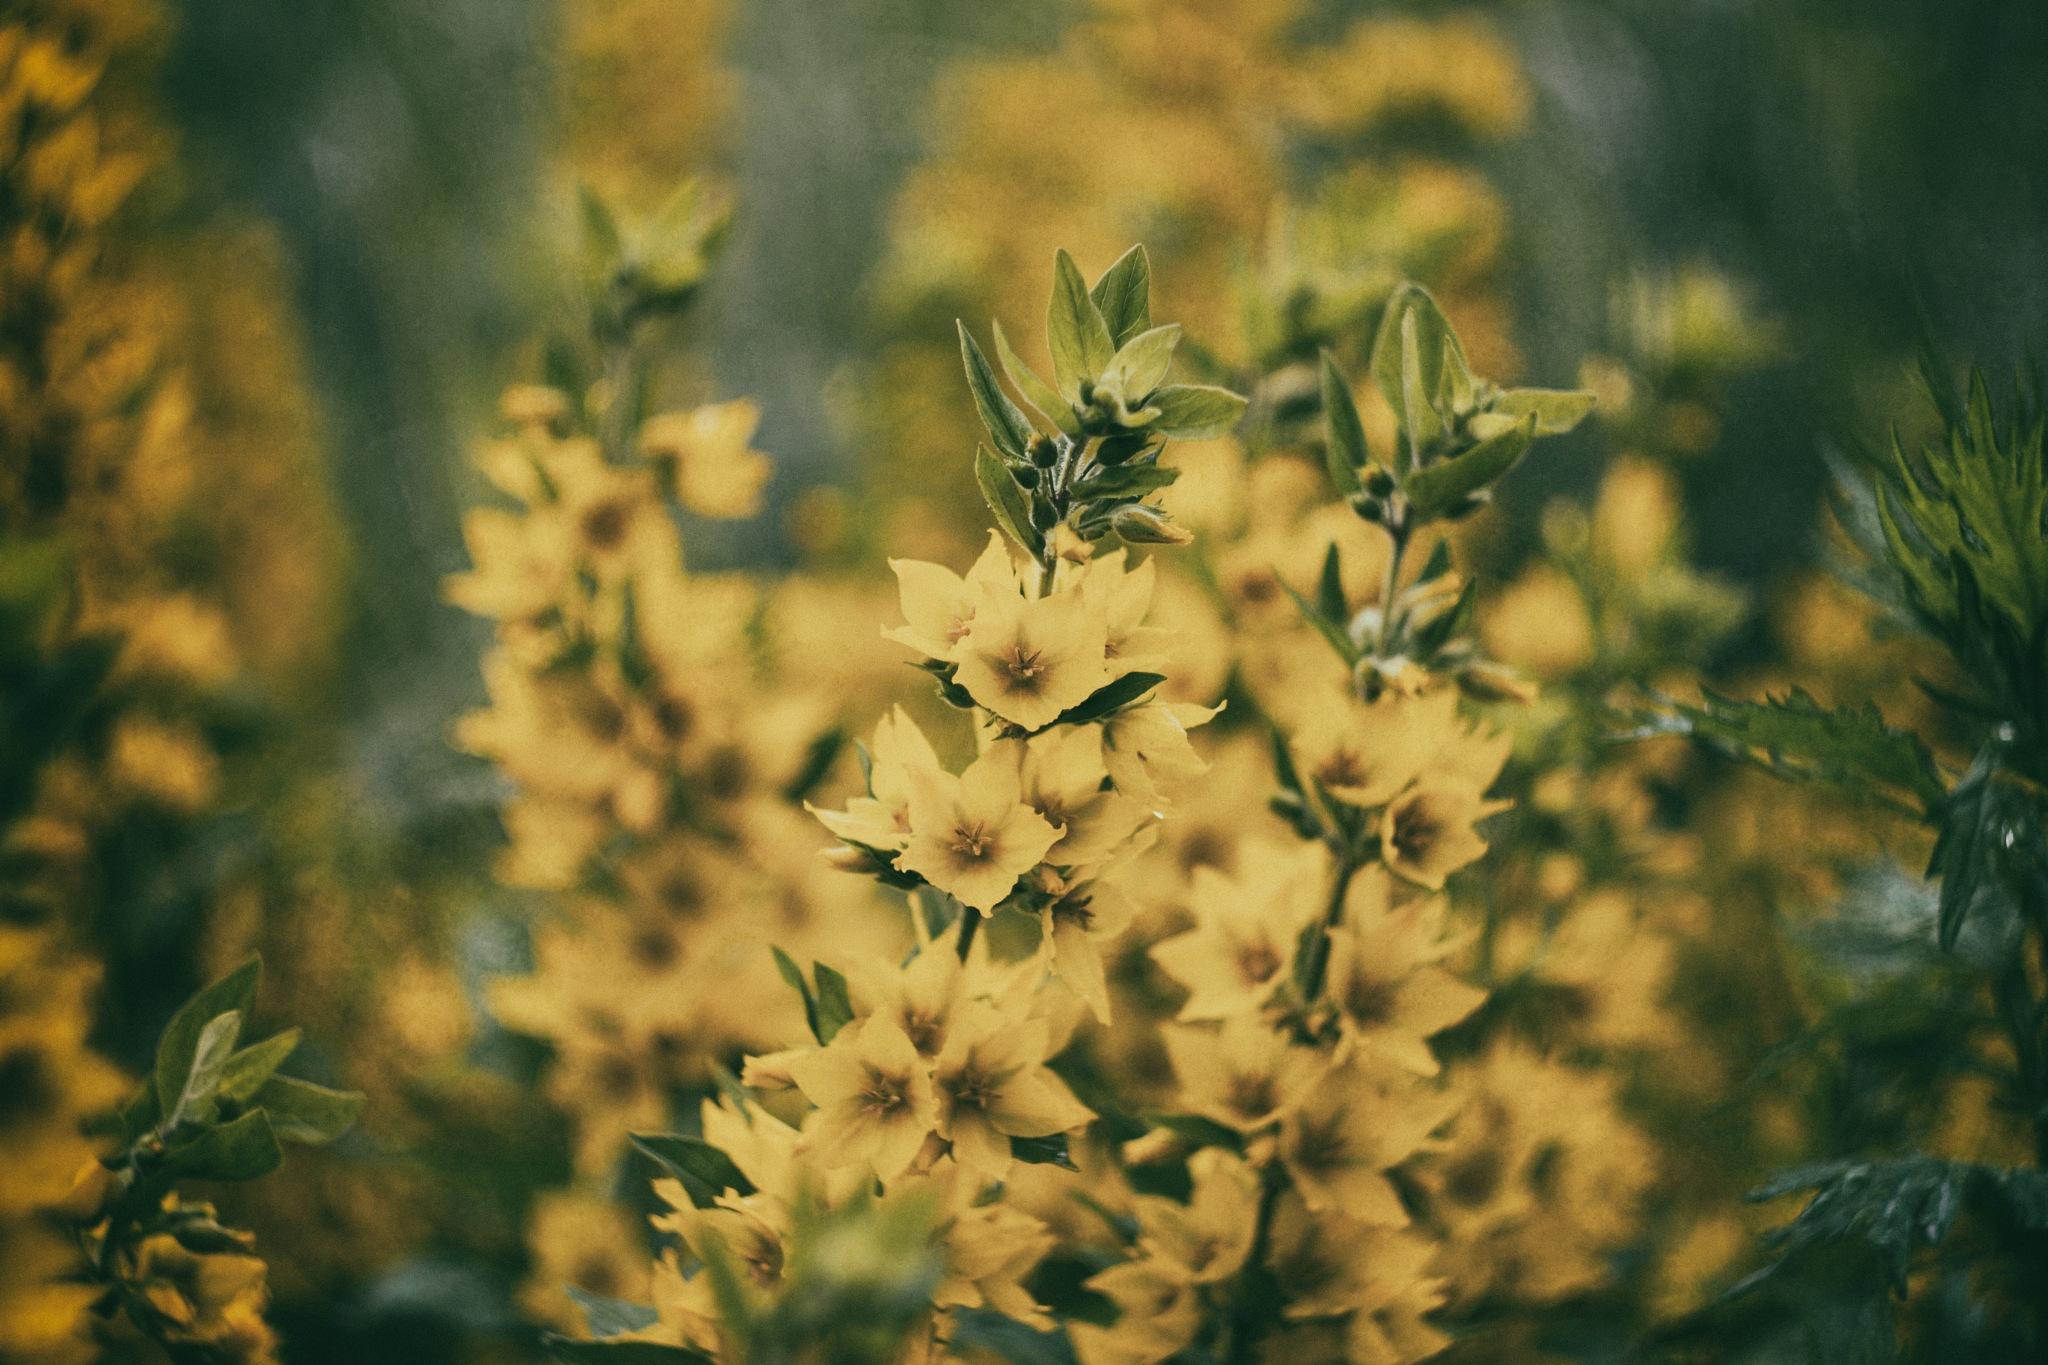 Moody flowers by Edgar Cherkasov